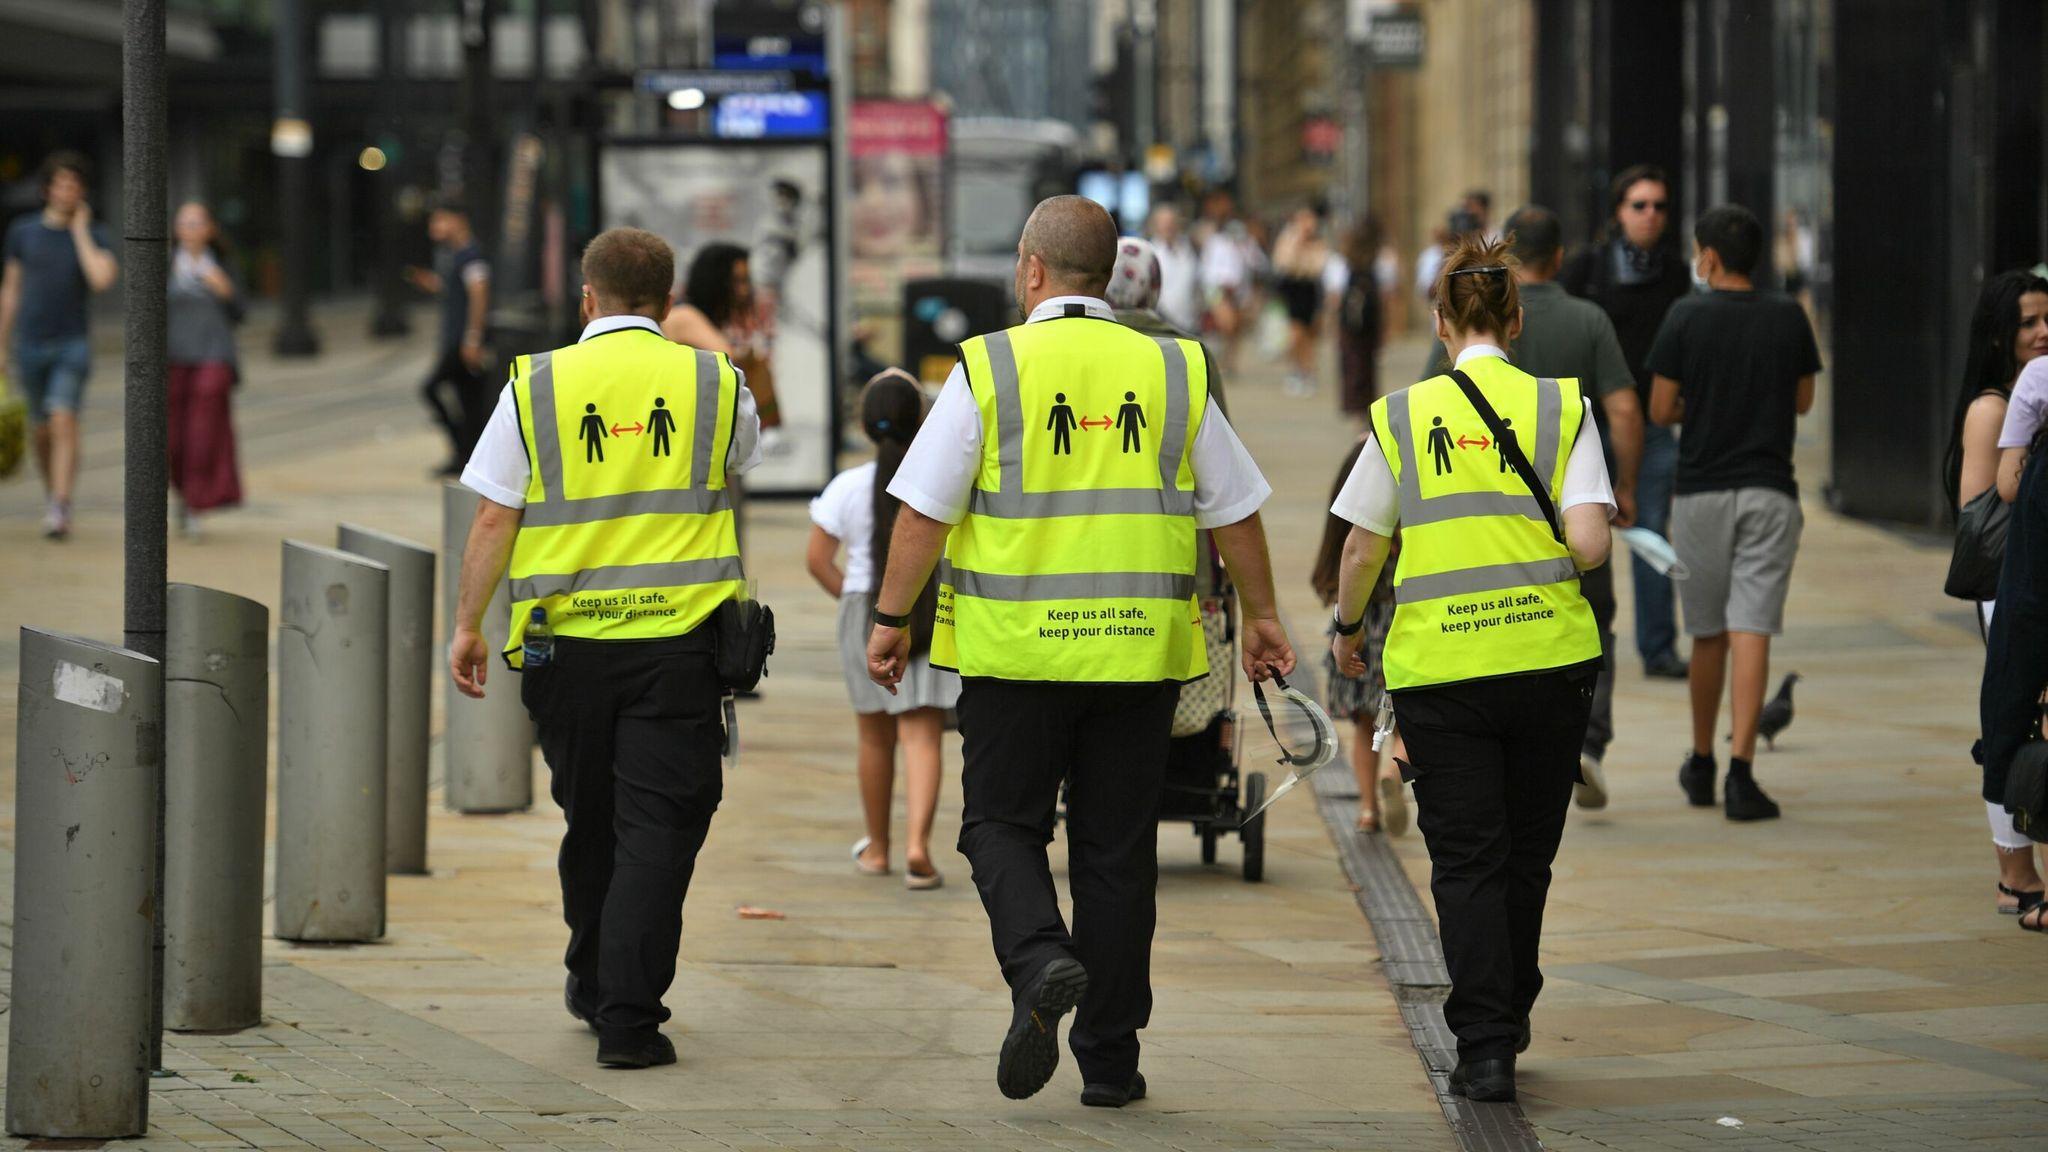 憂耶誕假期疫情炸裂   英國雇「便衣」偵蒐違規